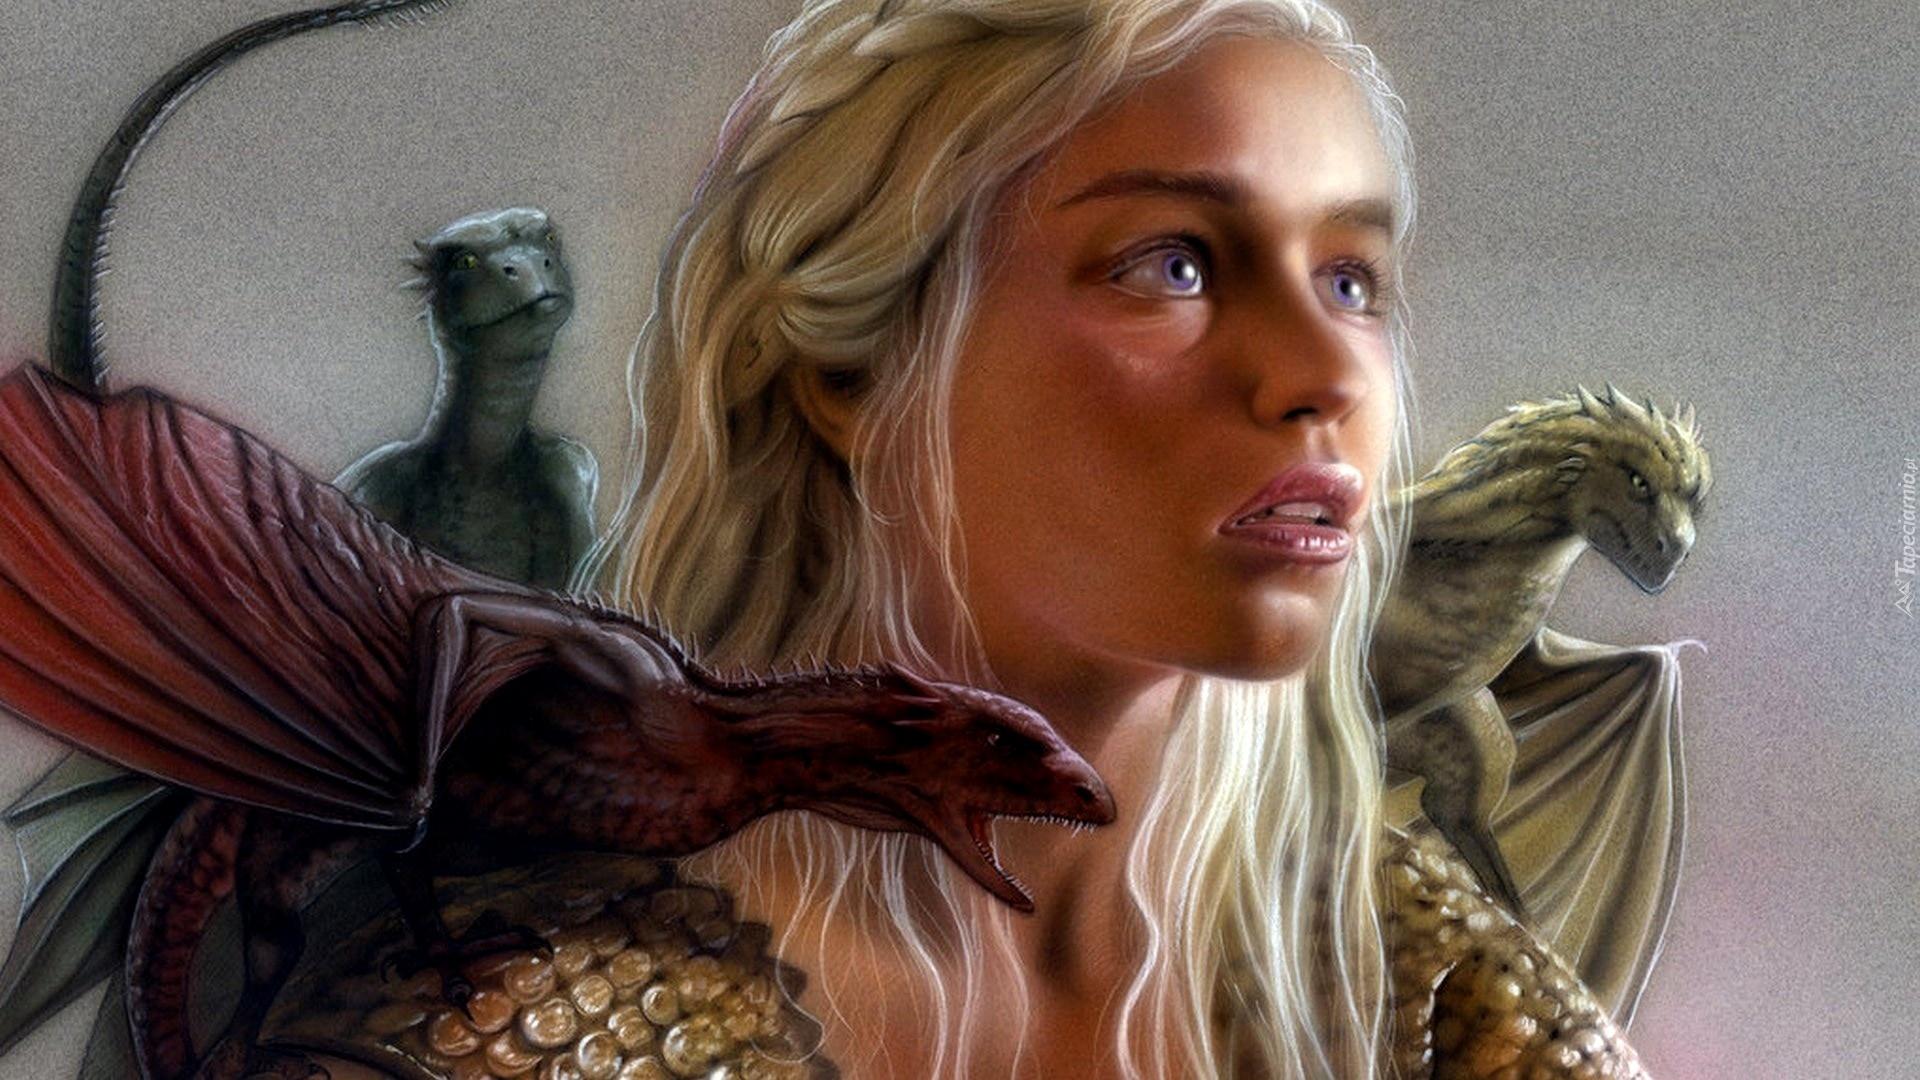 gra o tron, game of thrones, emilia clarke - daenerys targaryen, smoki